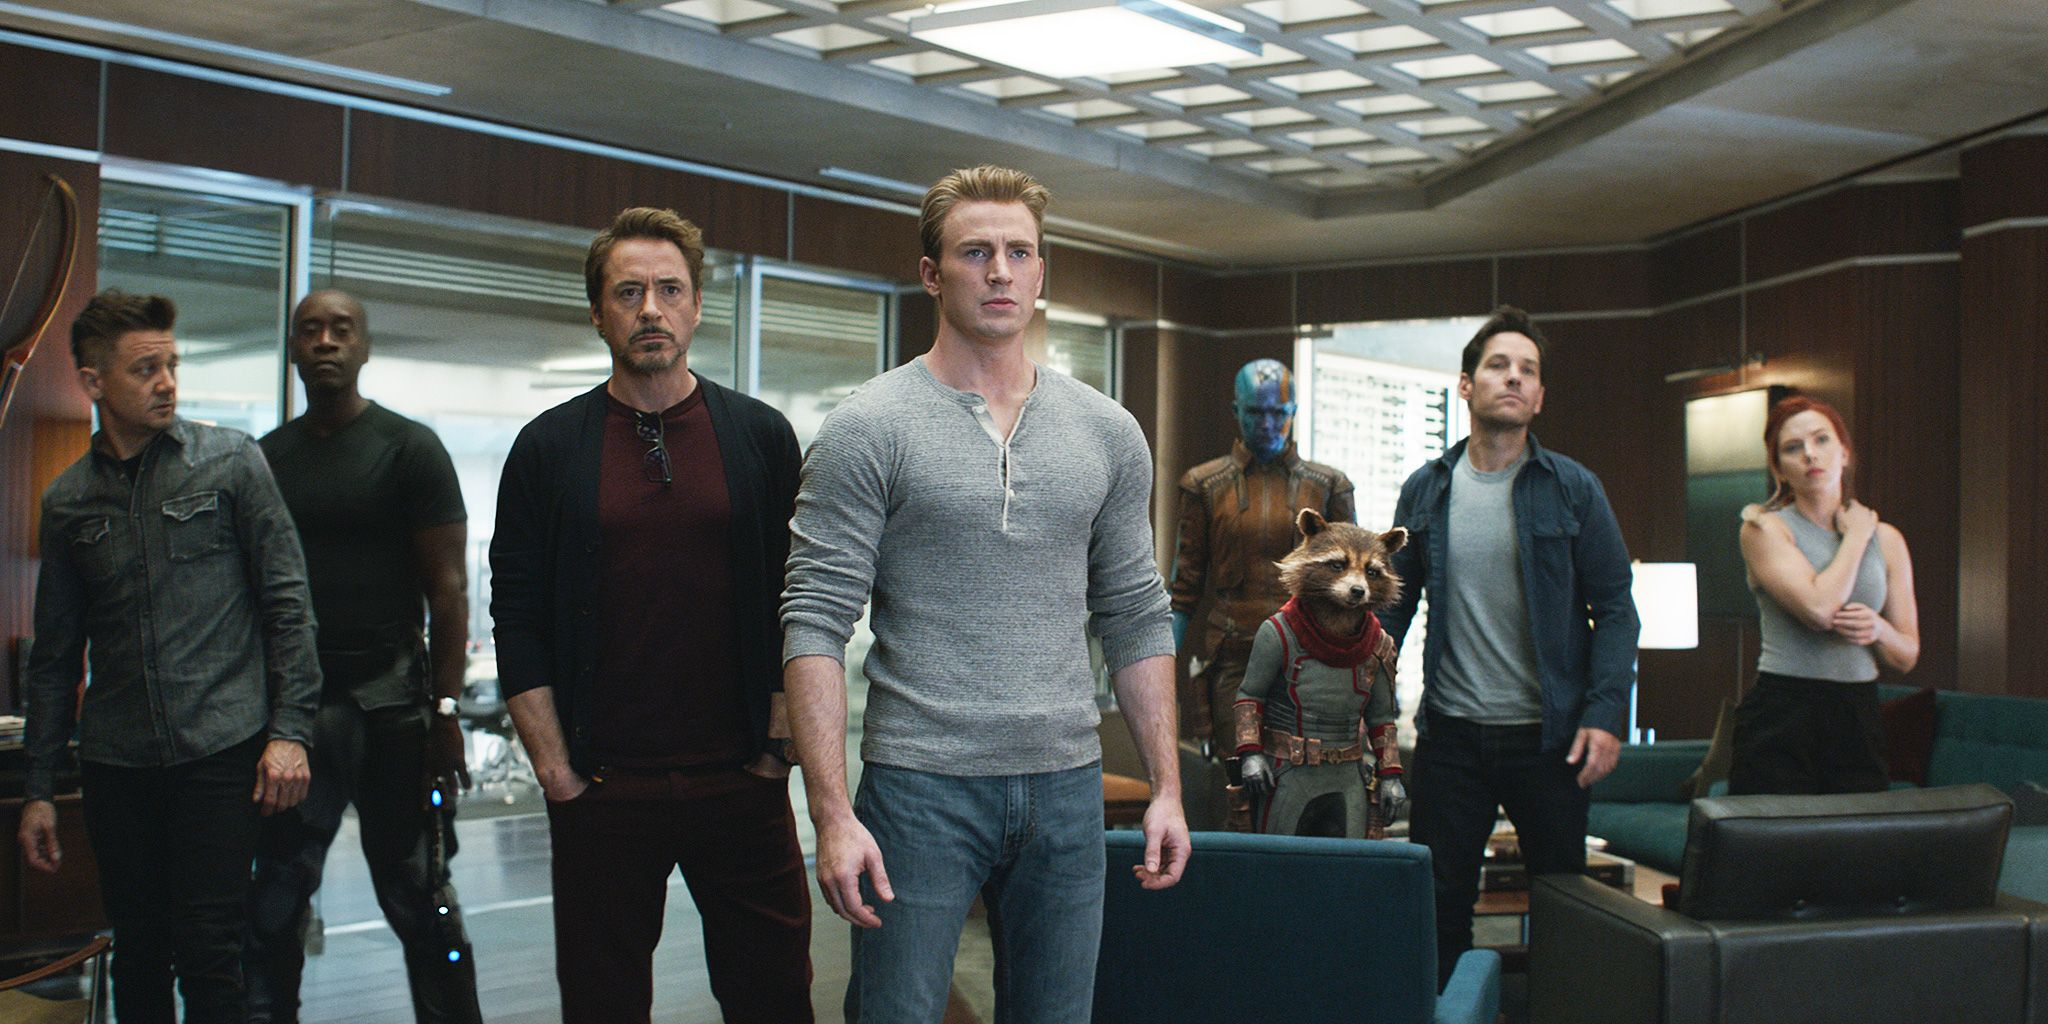 Avengers: Endgame, Jeremy Renner, Don Cheadle, Robert Downey Jr., Chris Evans, Scarlett Johansson, Karen Gillan, Paul Rudd, Bradley Cooper